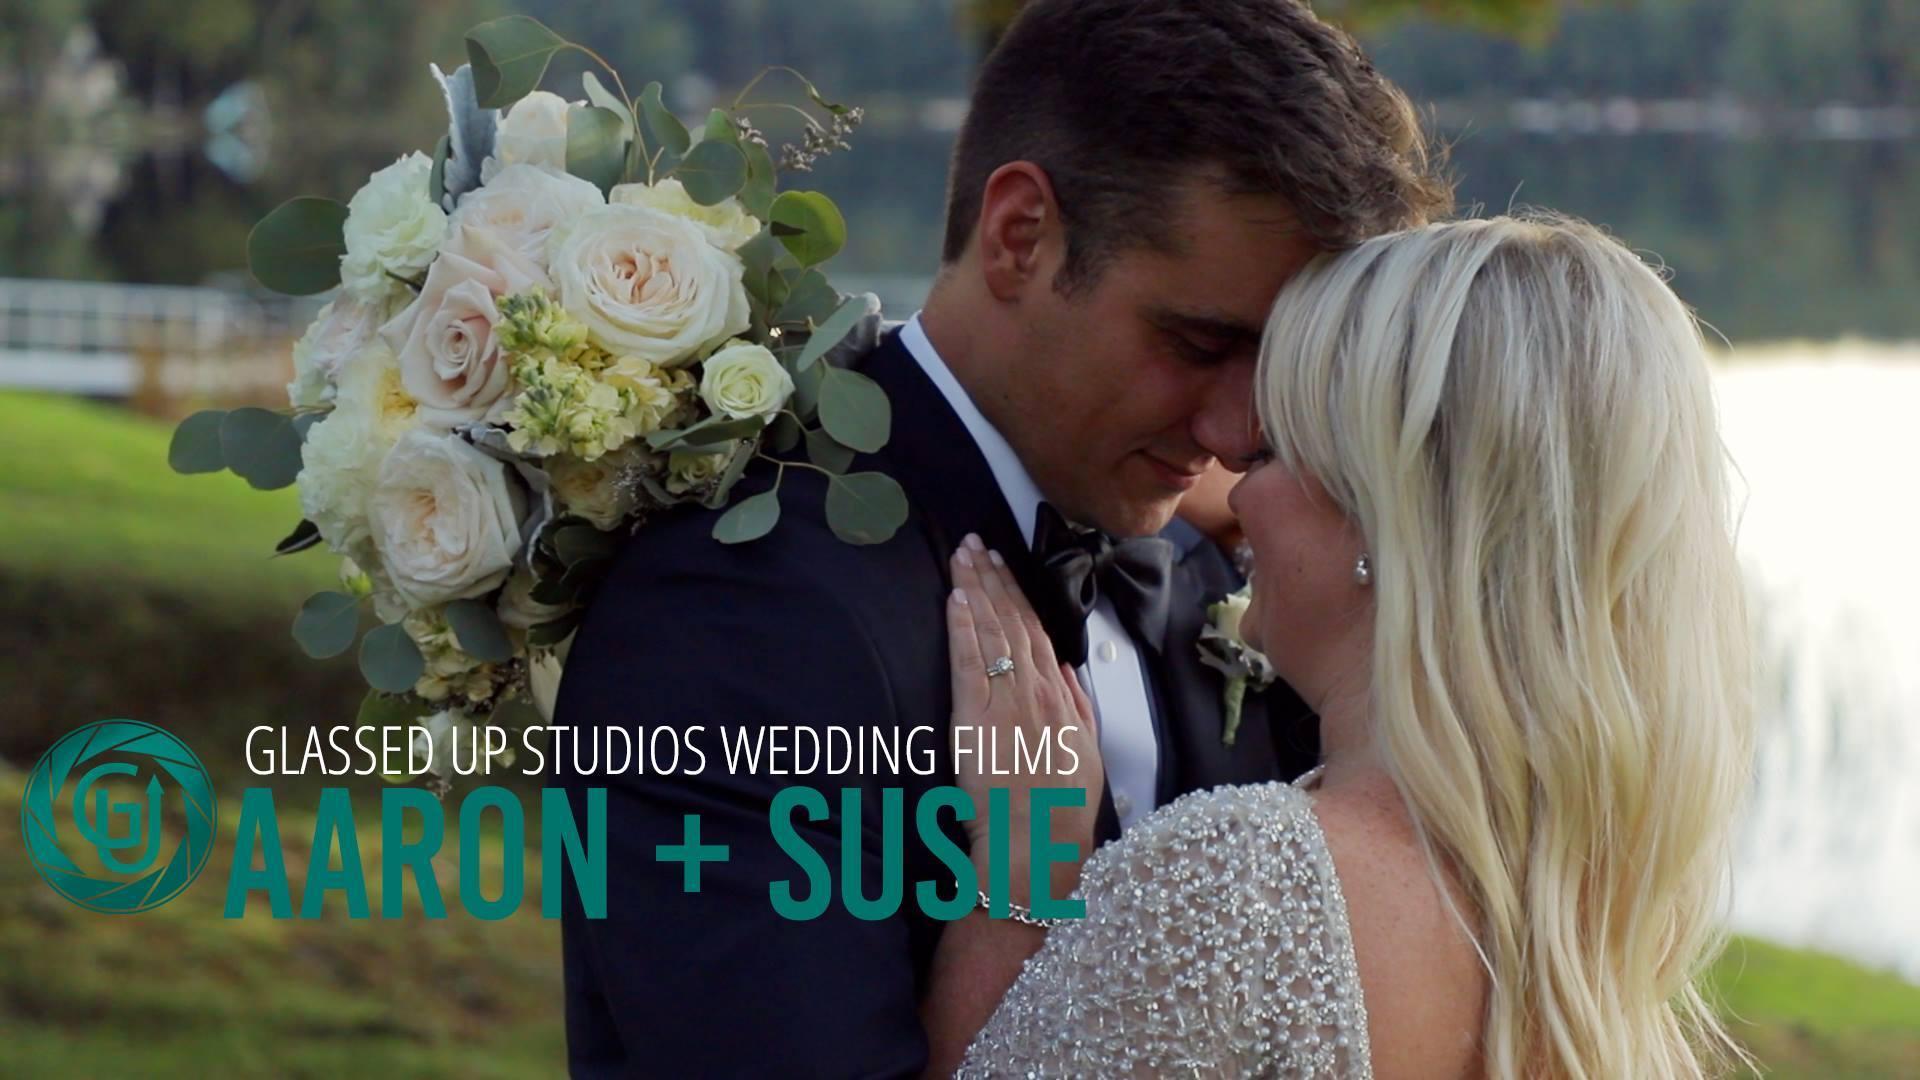 Wedding Film: Aaron + Susie